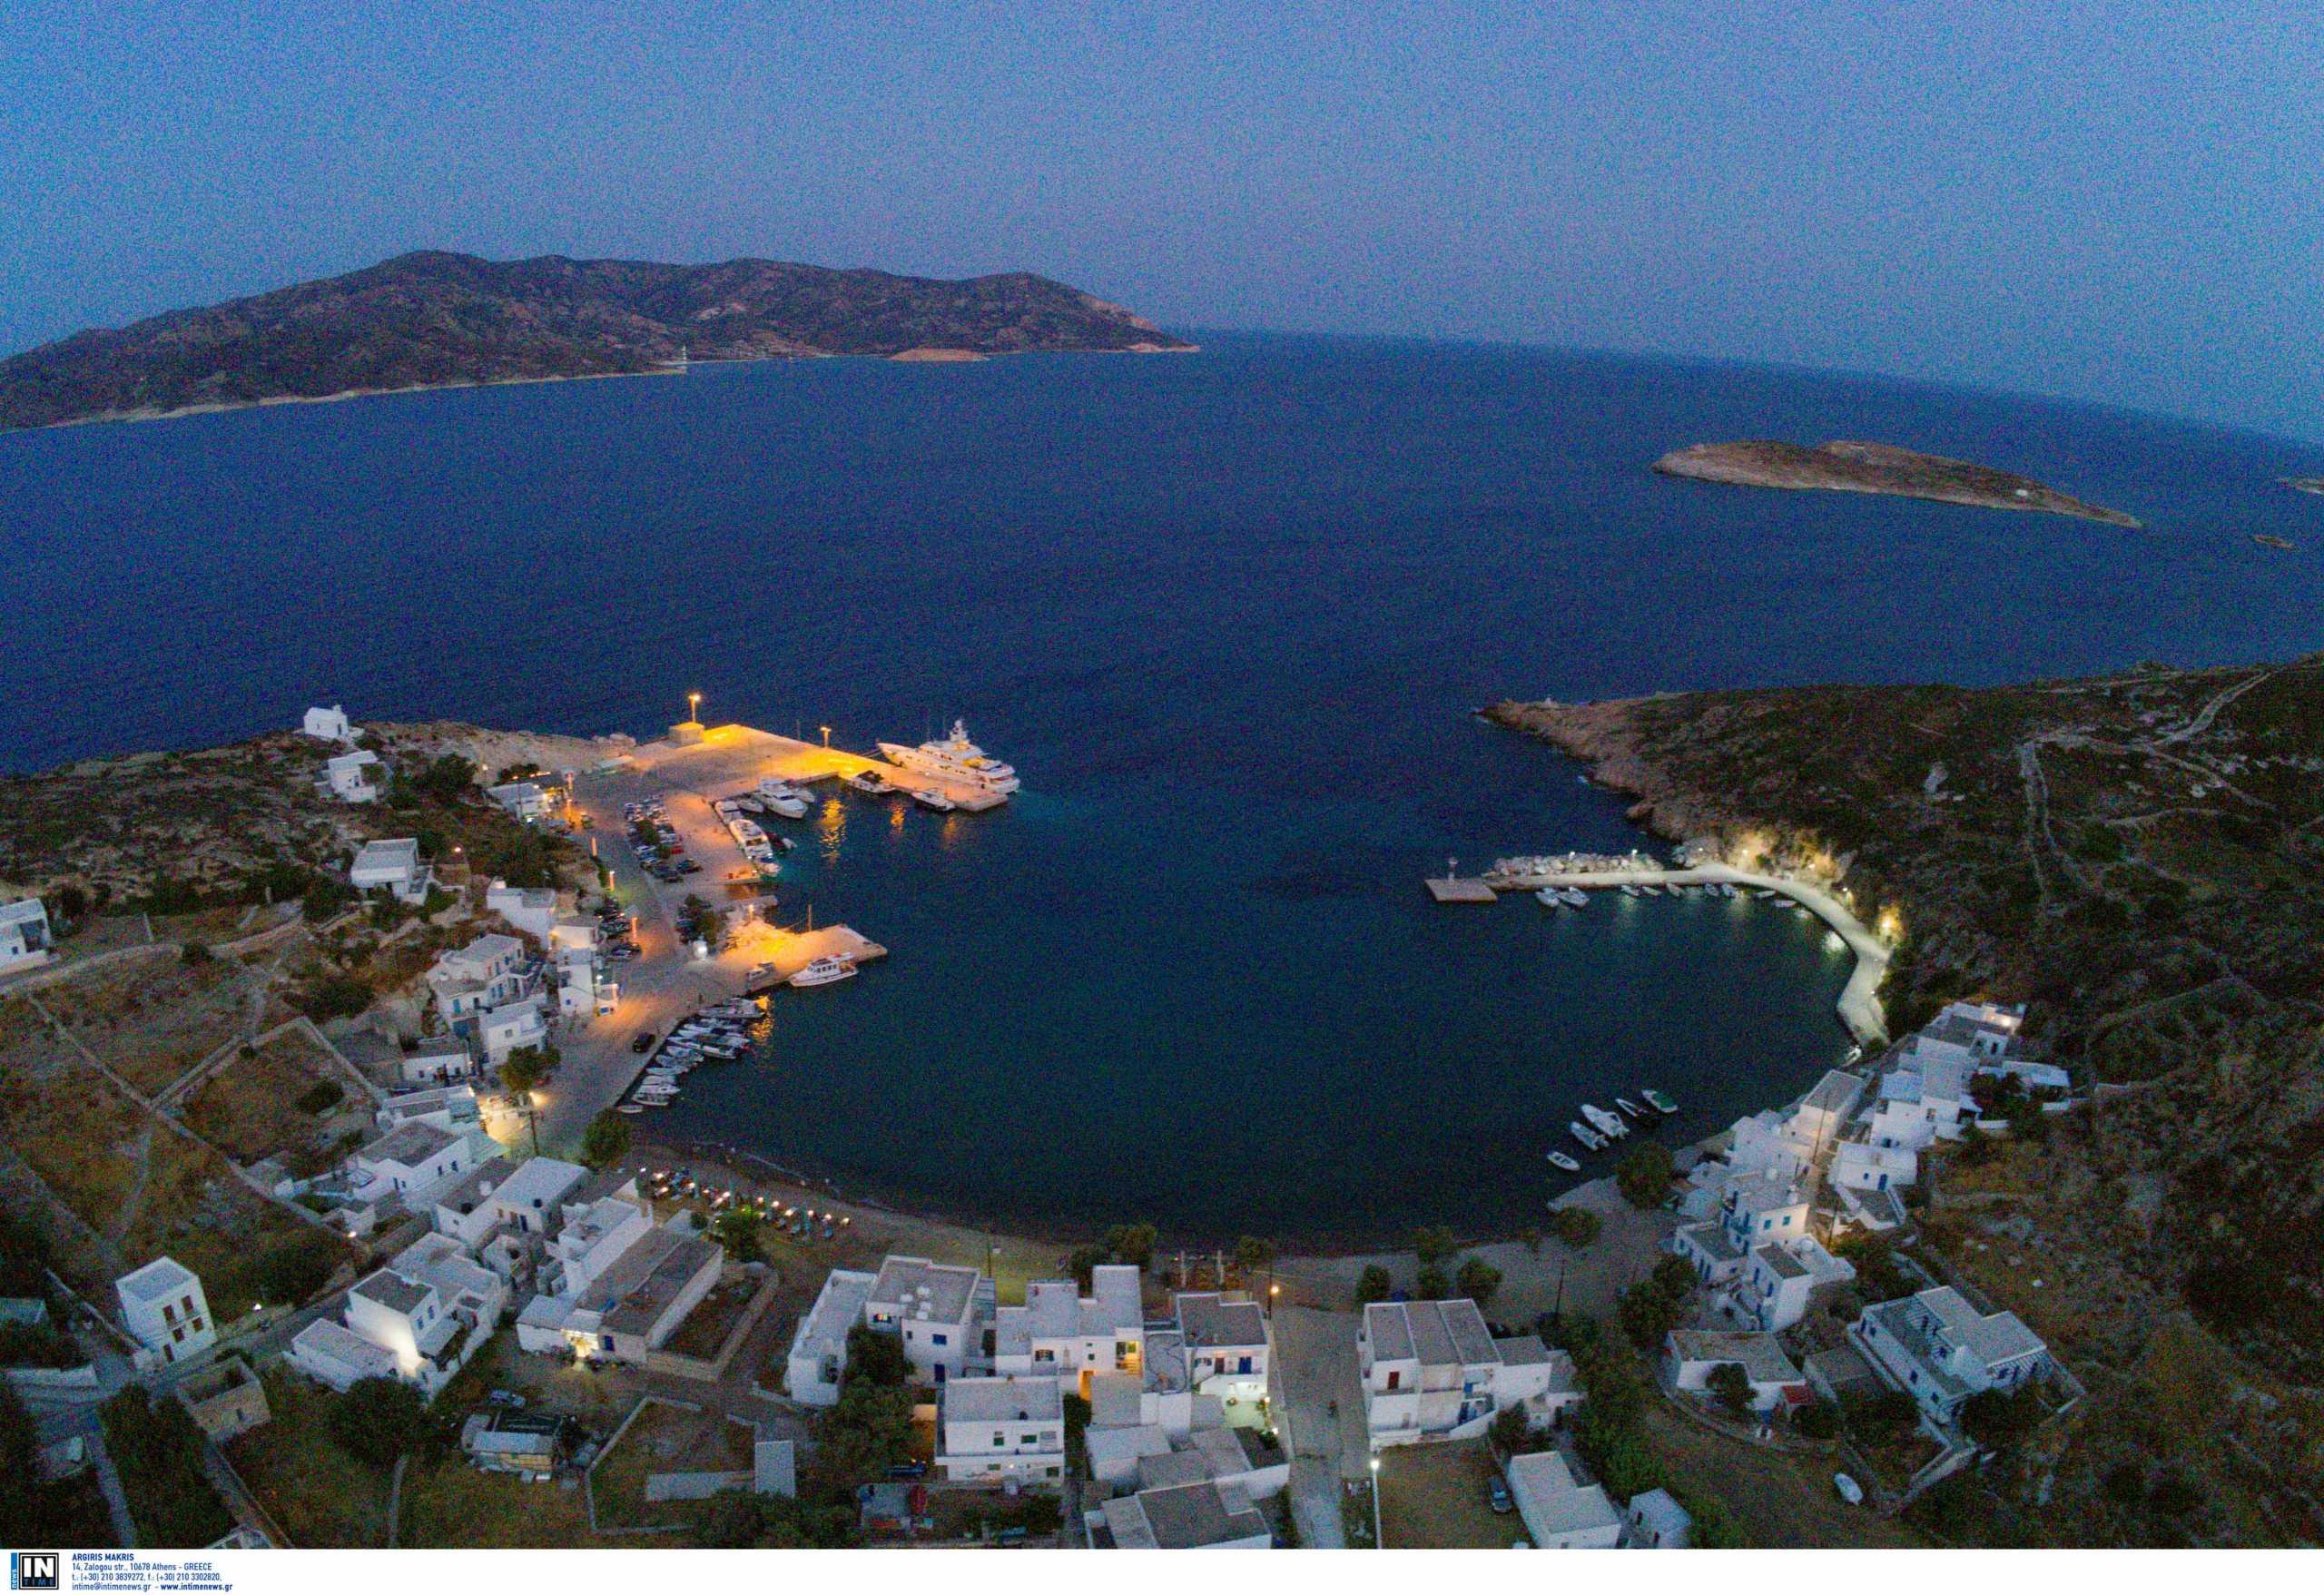 Κίμωλος: Το ελληνικό νησί που έχει τον μοναδικό «πέτρινο ελέφαντα»